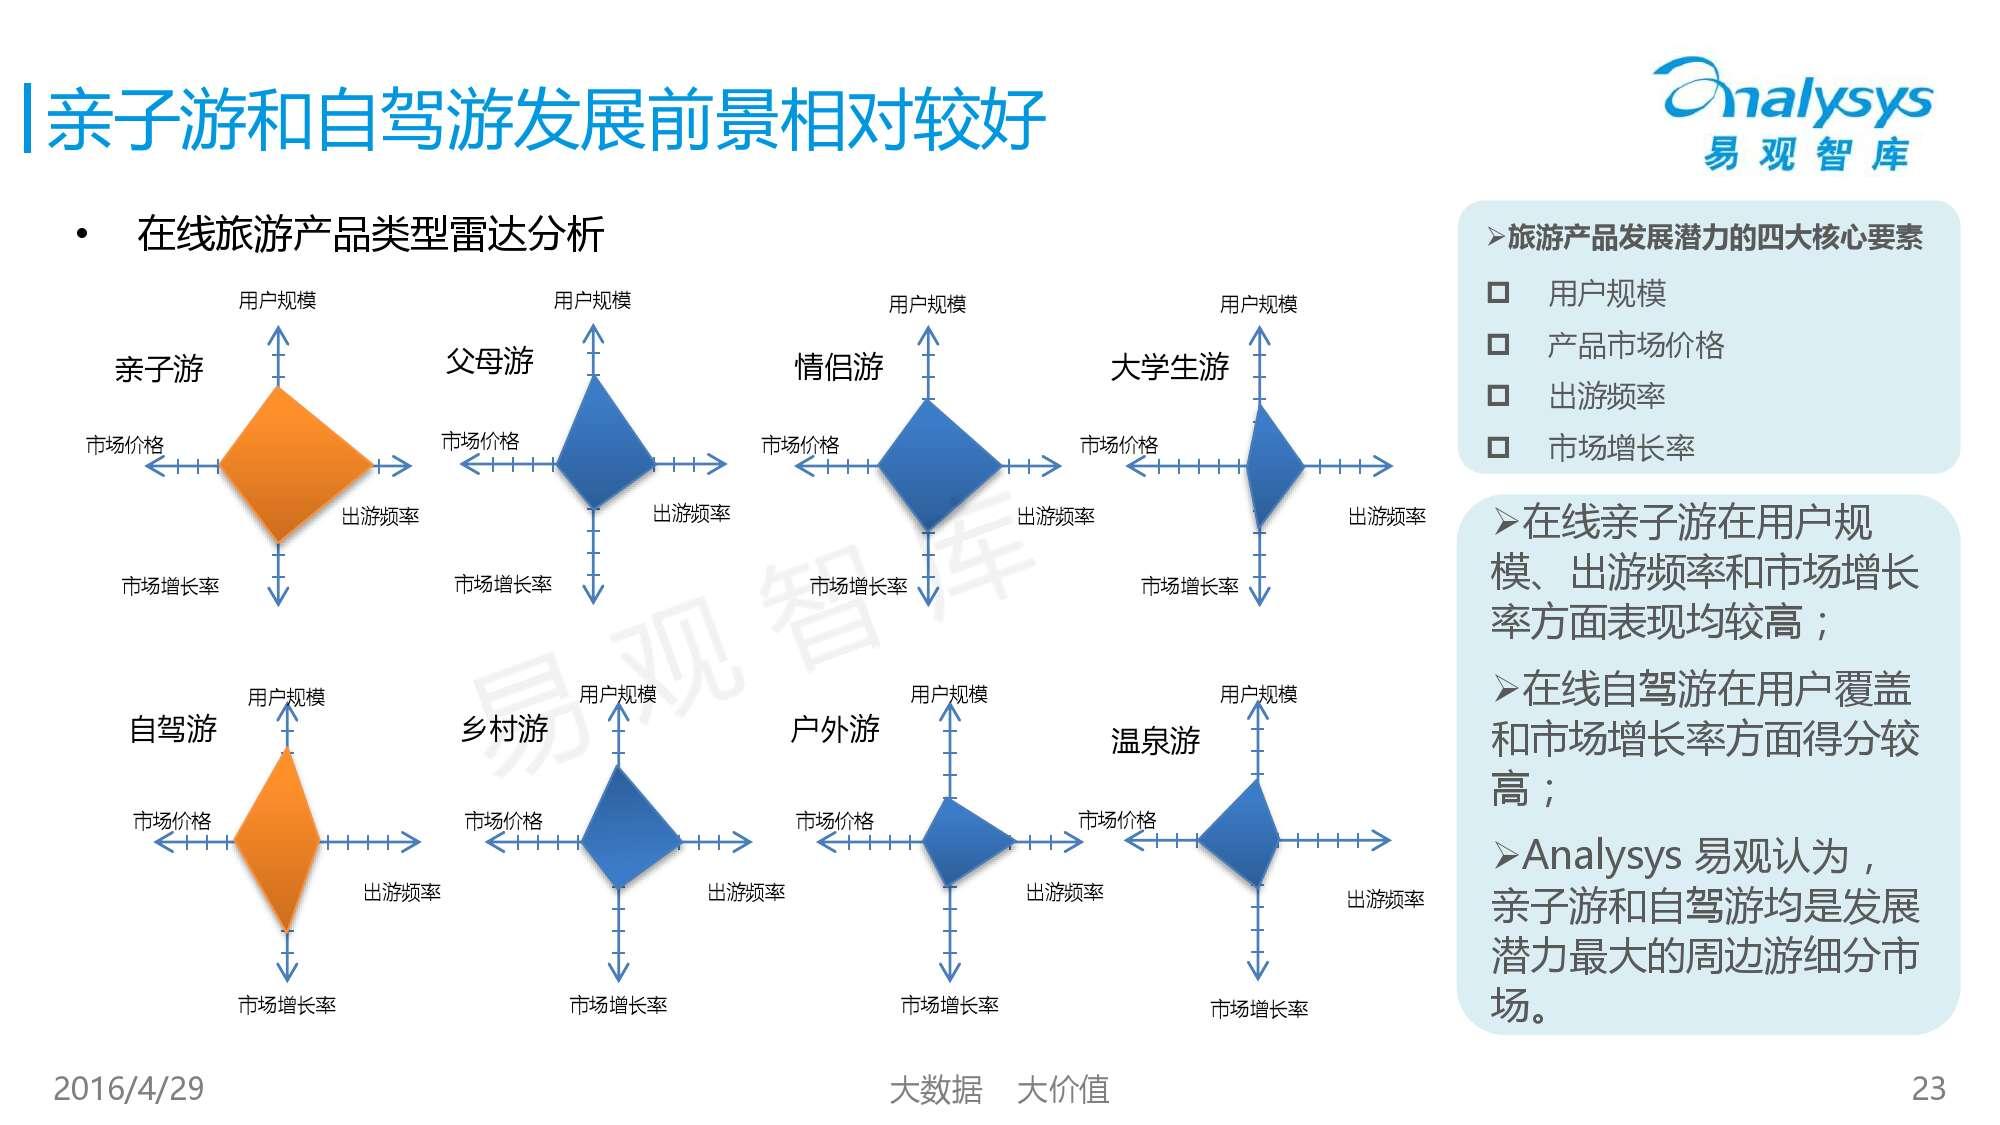 中国在线周边自助游市场专题研究报告2016_000023